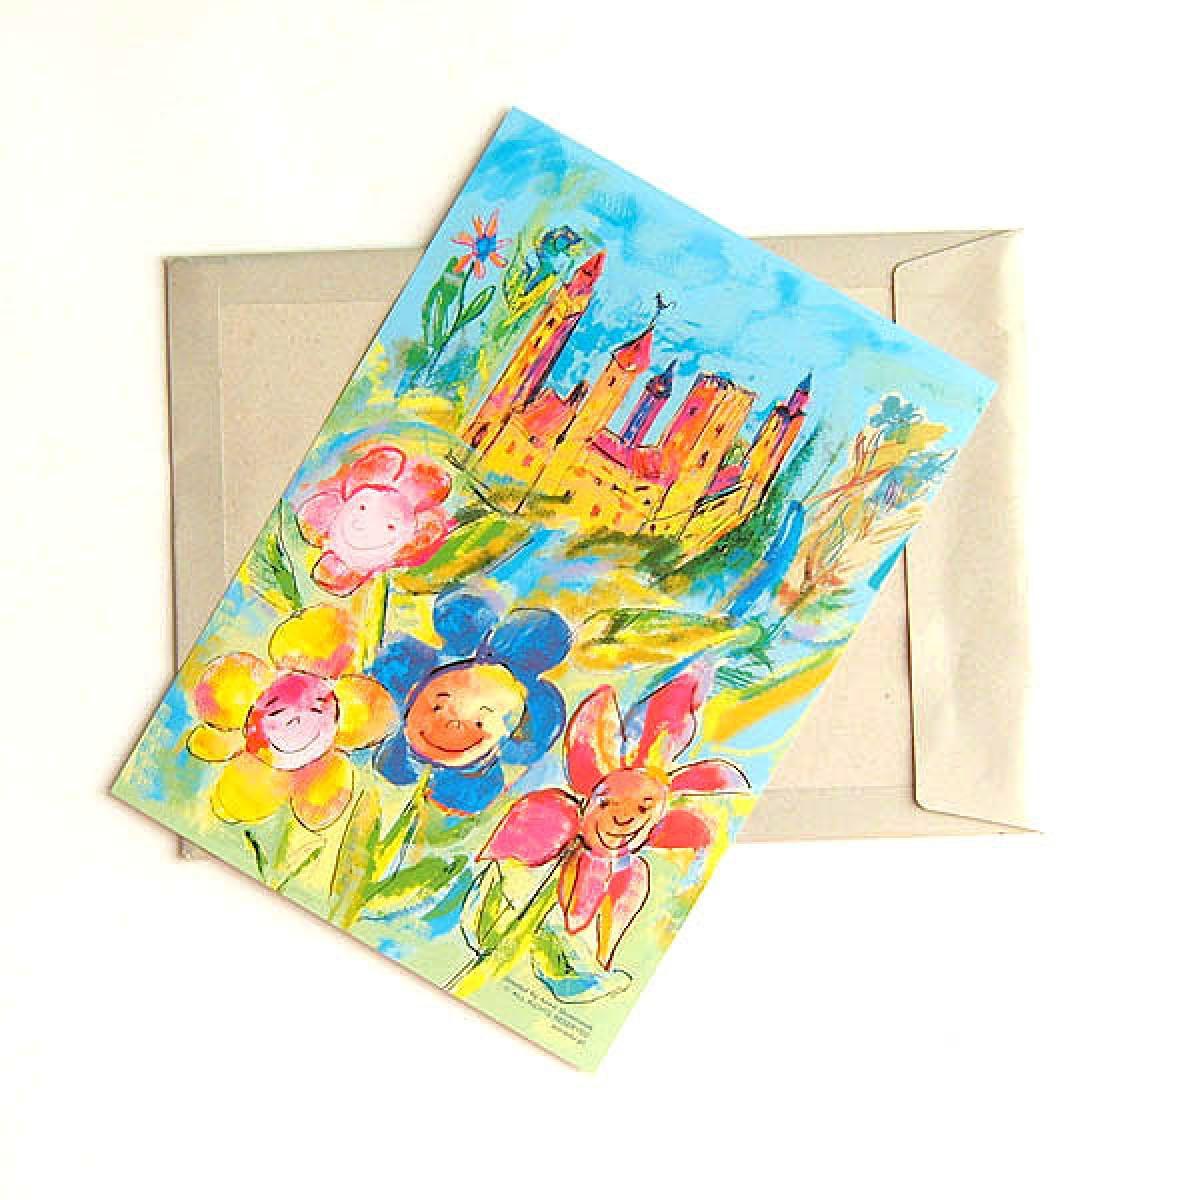 kolorowy plakat z zamkiem, plakat do dziecięcego pokoju, bajkowy obrazek, plakat dla dziewczynki